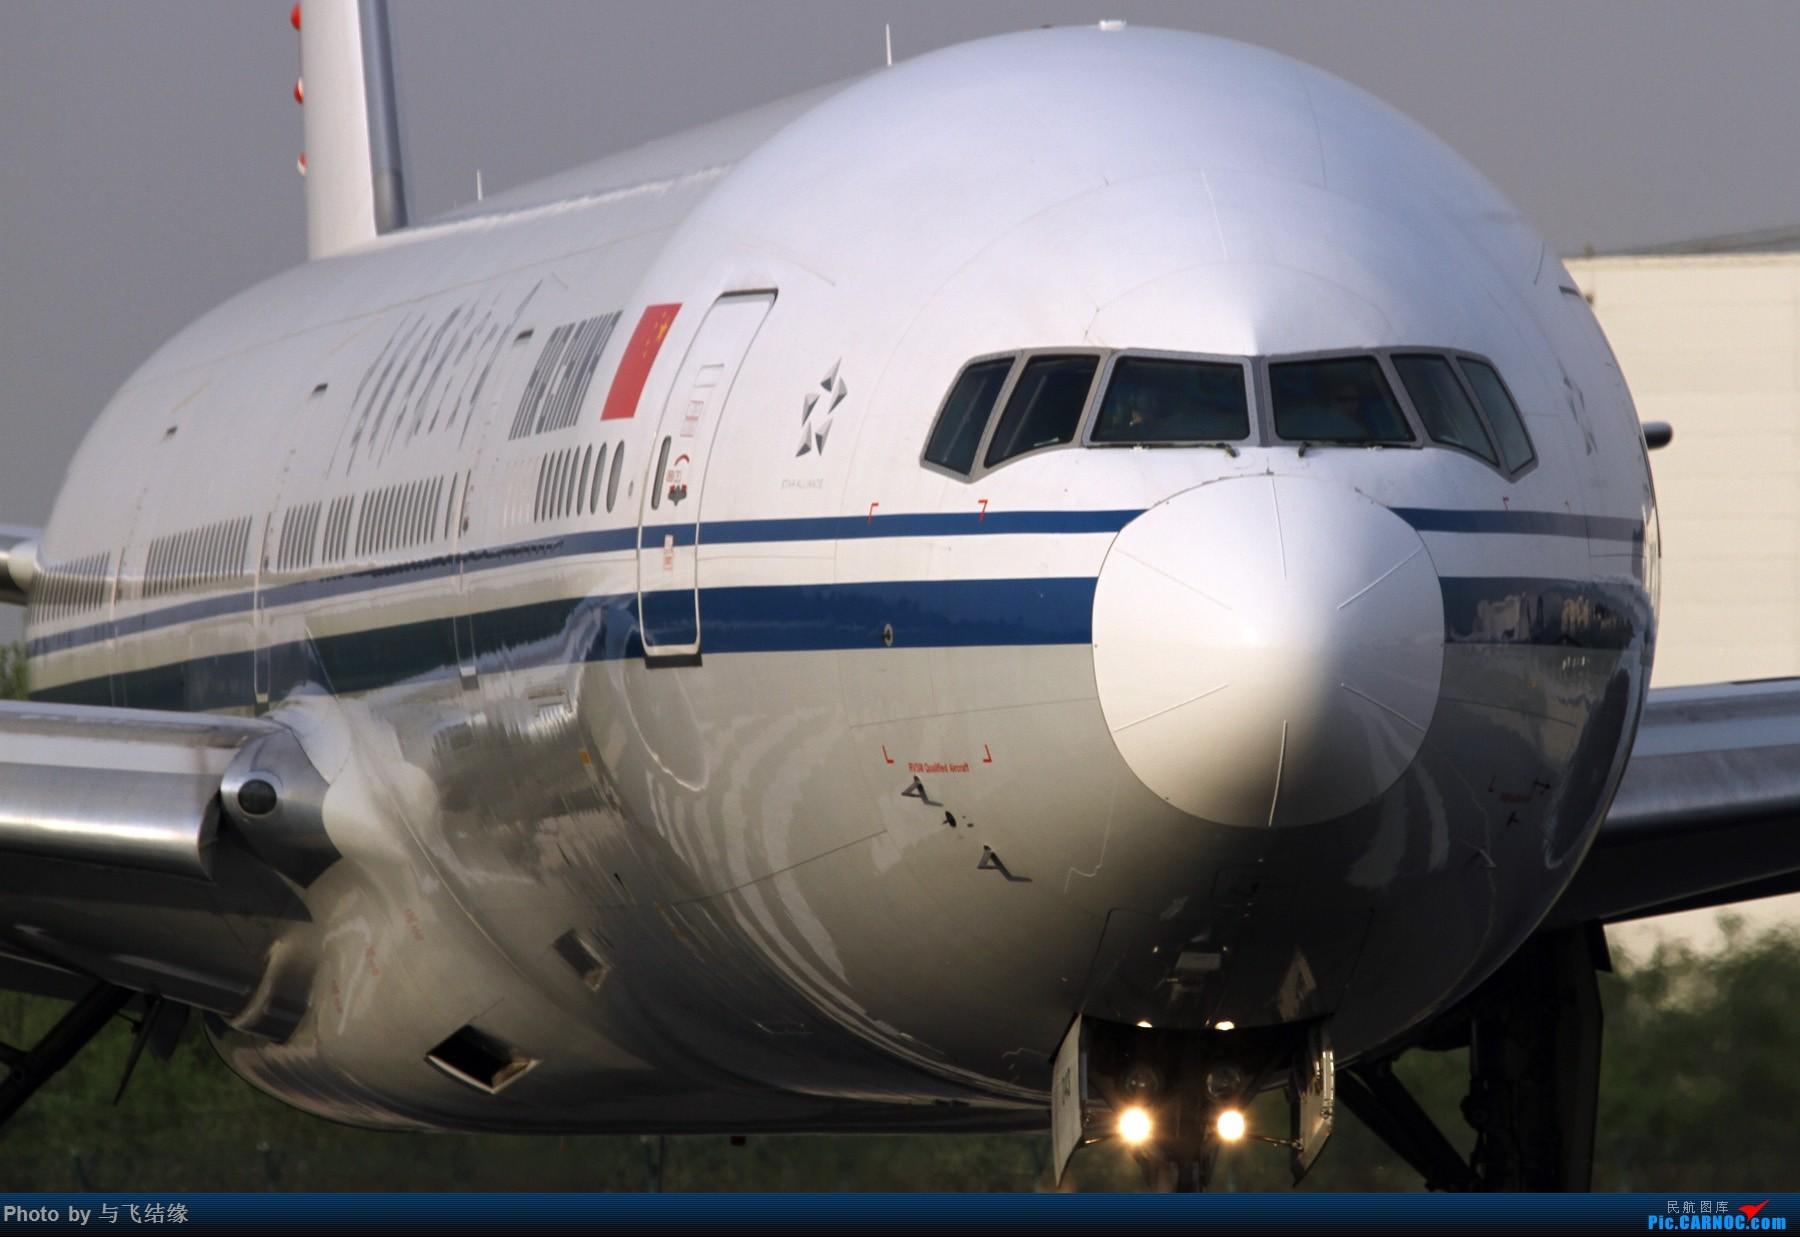 [原创]******鹰杨虎视,雄姿飒爽****** BOEING 777-300ER  中国北京首都国际机场